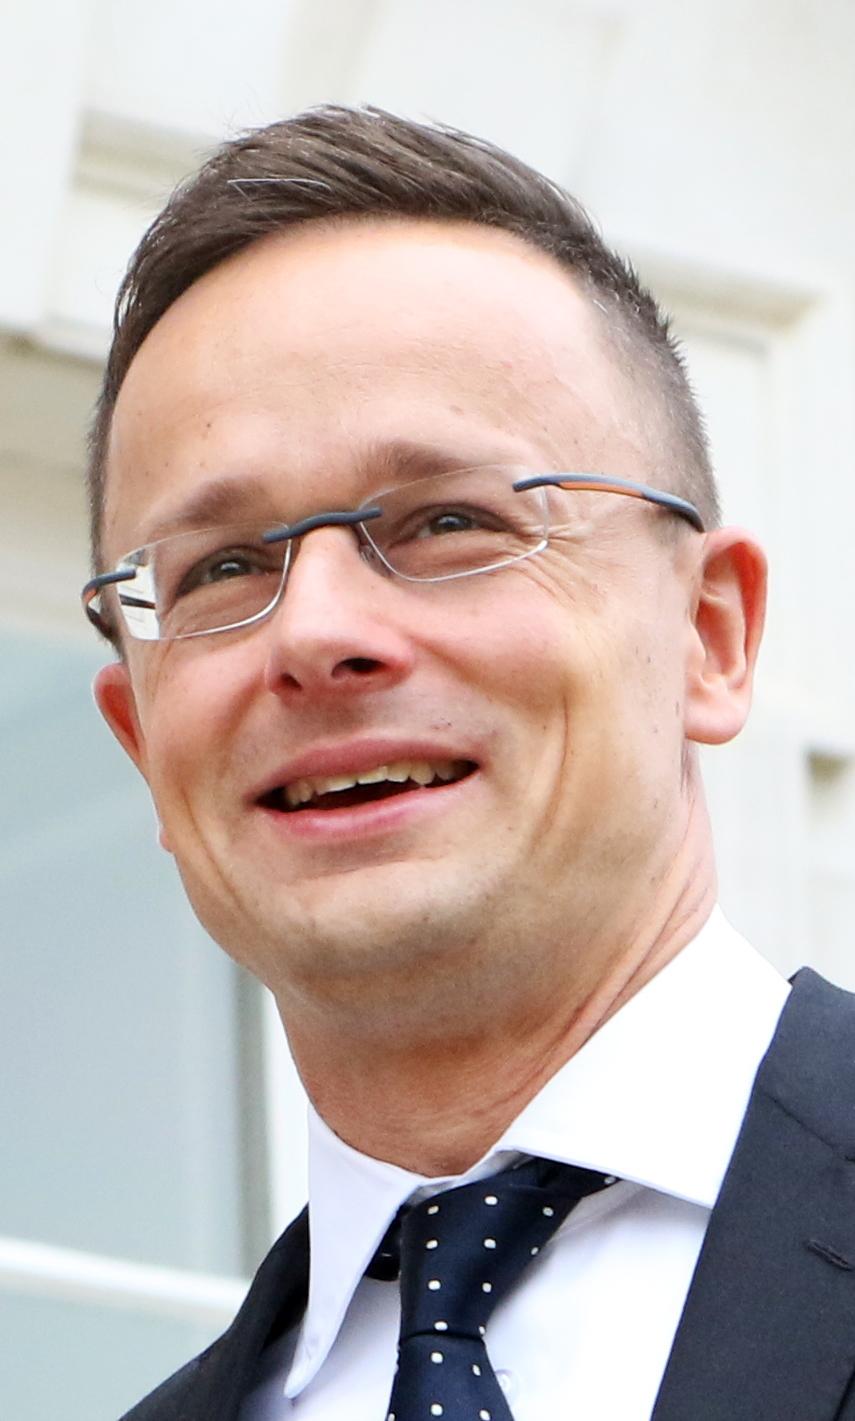 Péter Szijjártó - Wikipedia